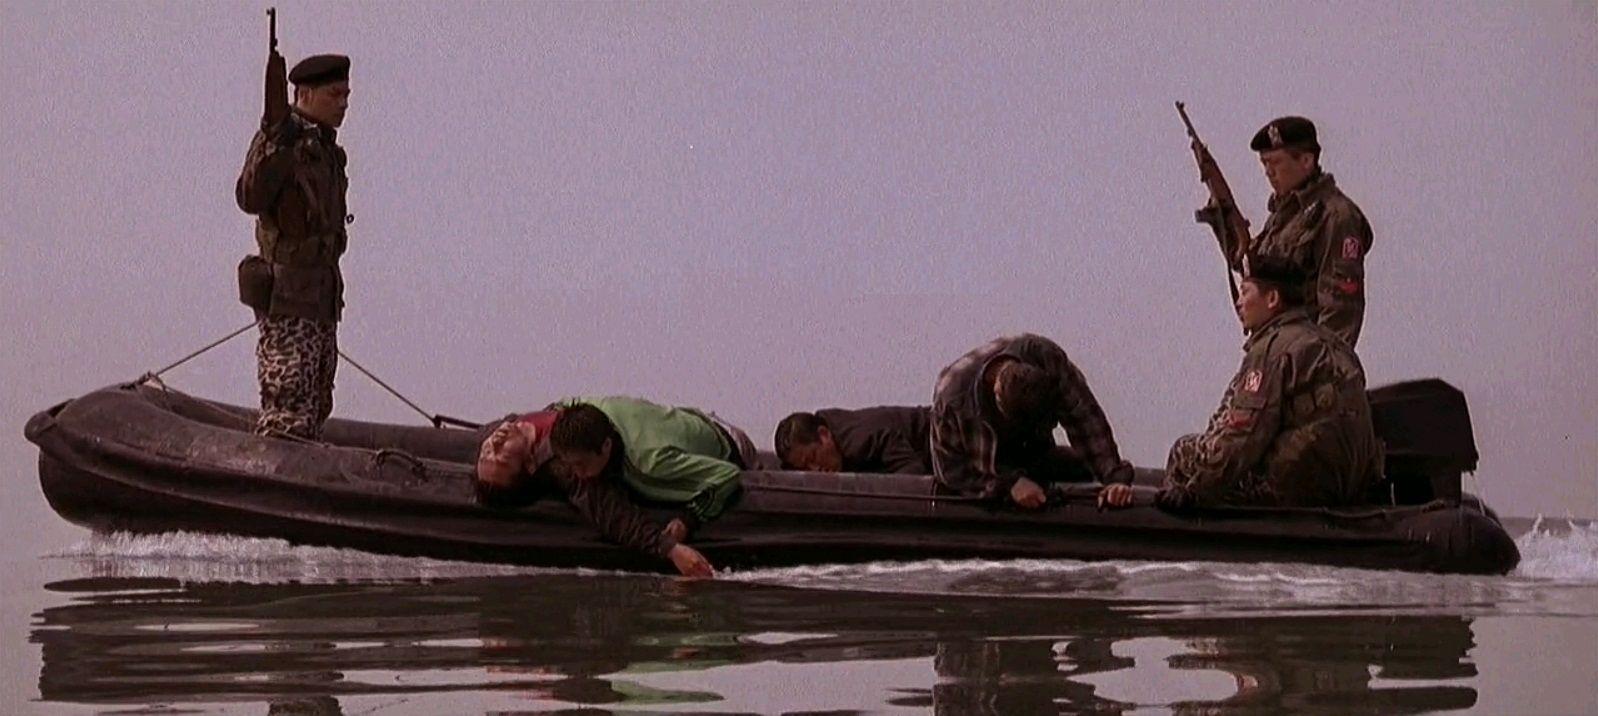 Сильмидо / Silmido (2003): кадр из фильма